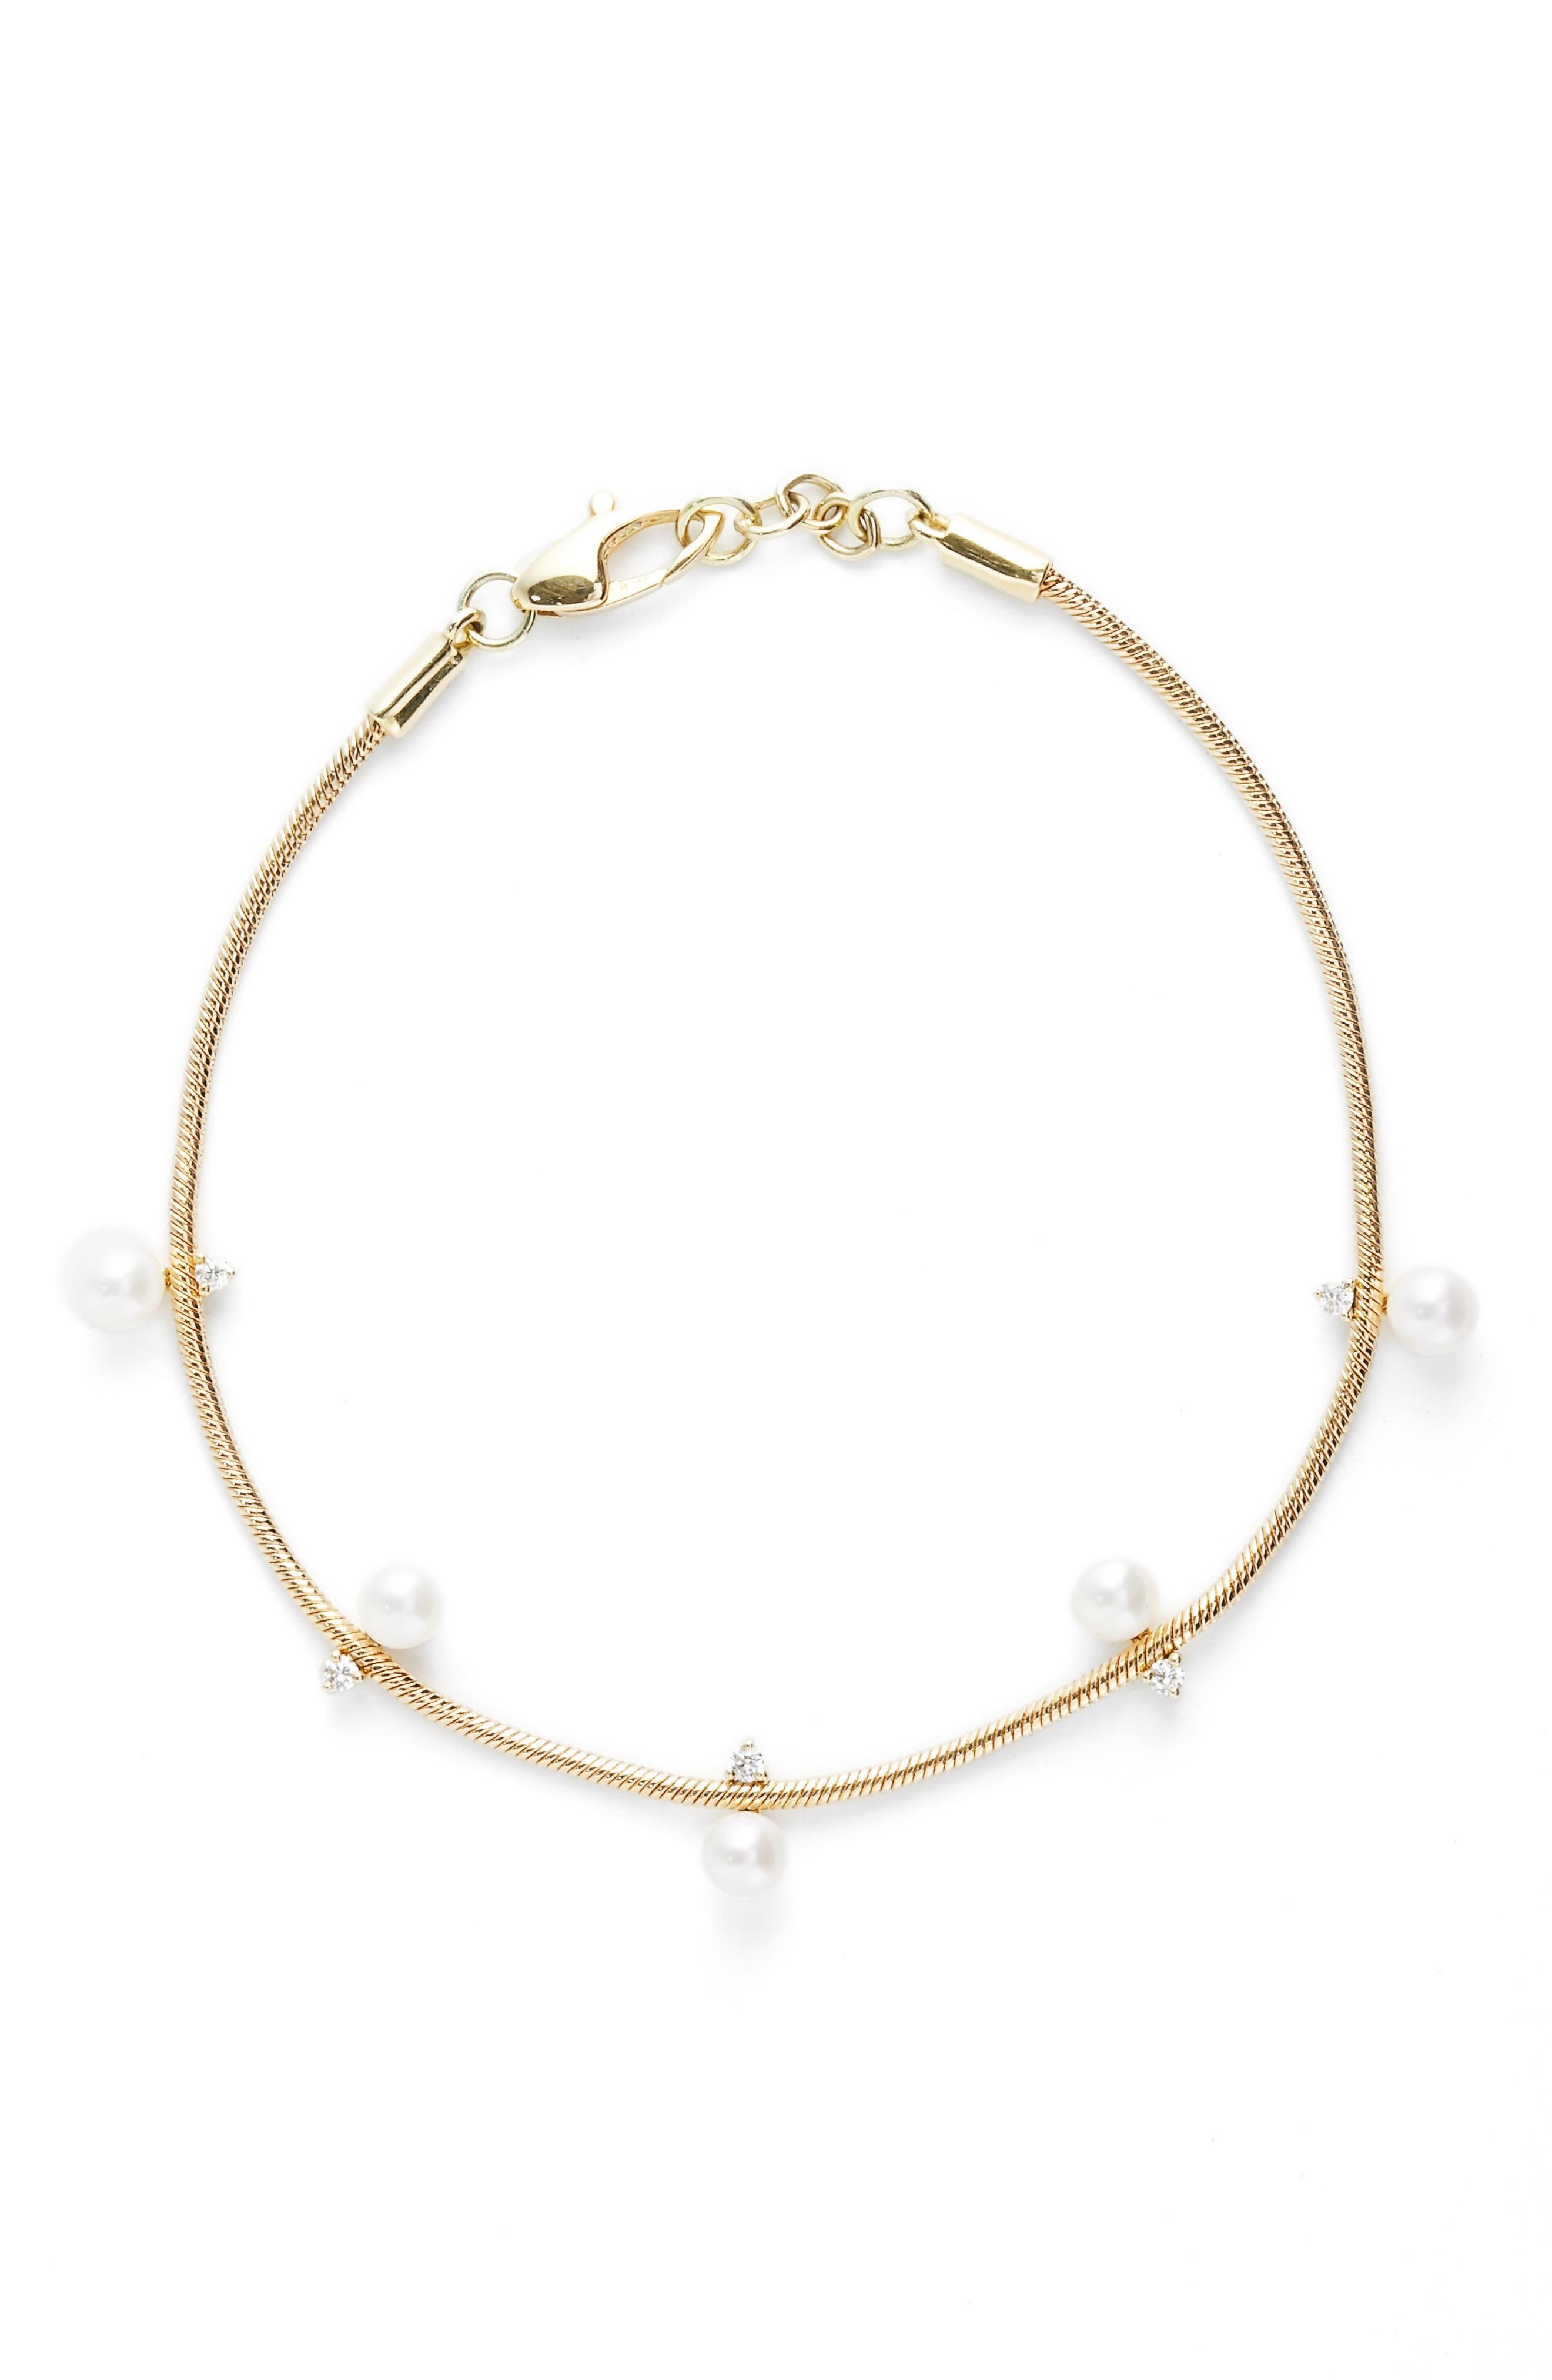 Jemma Wynne Revival Diamond & Freshwater Pearl Snake Chain Bracelet